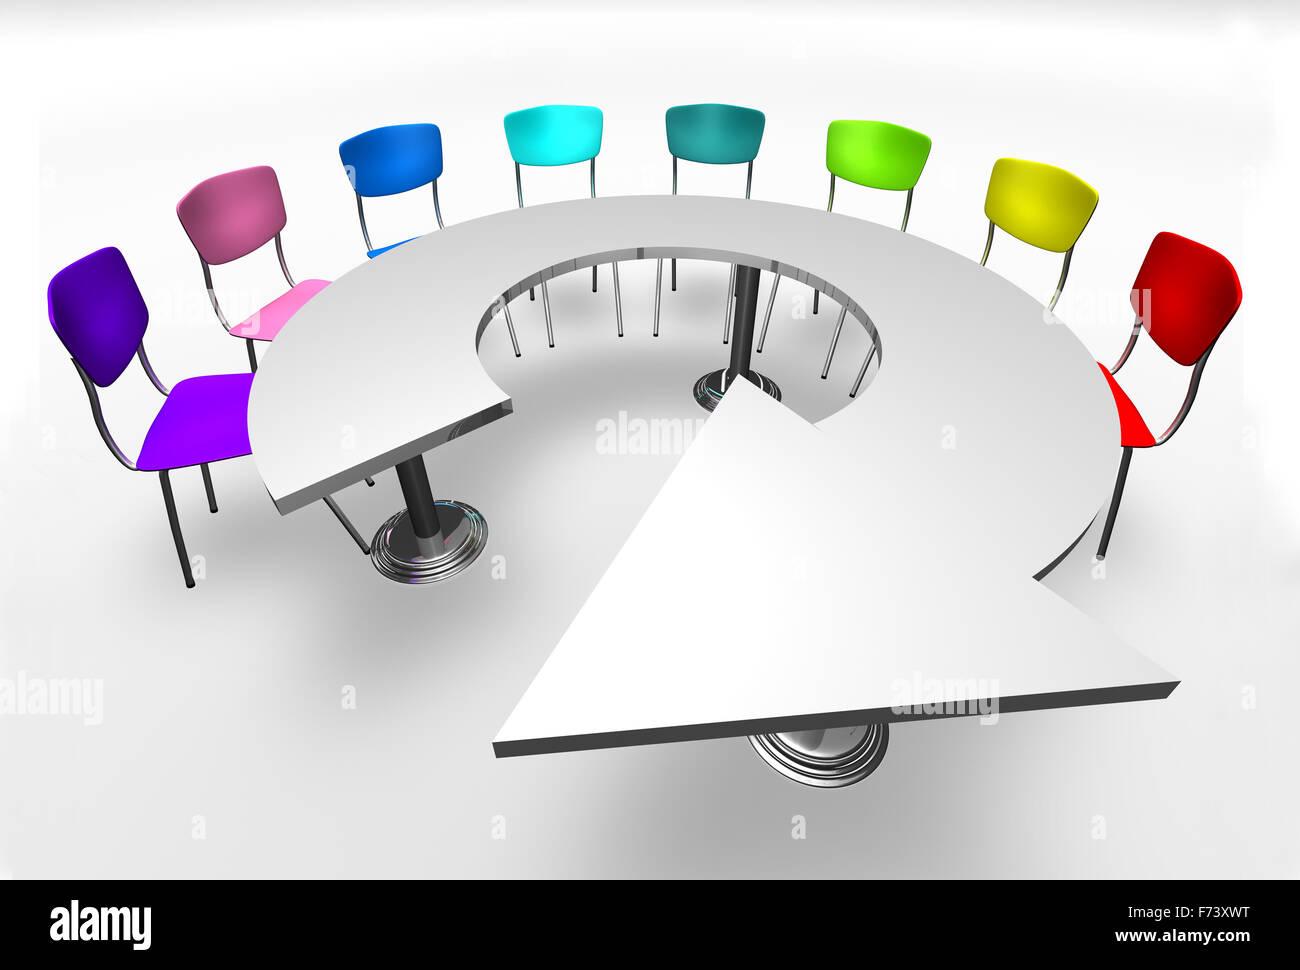 Asamblea y reunión concepto.El diseño de los muebles y sillas Imagen De Stock